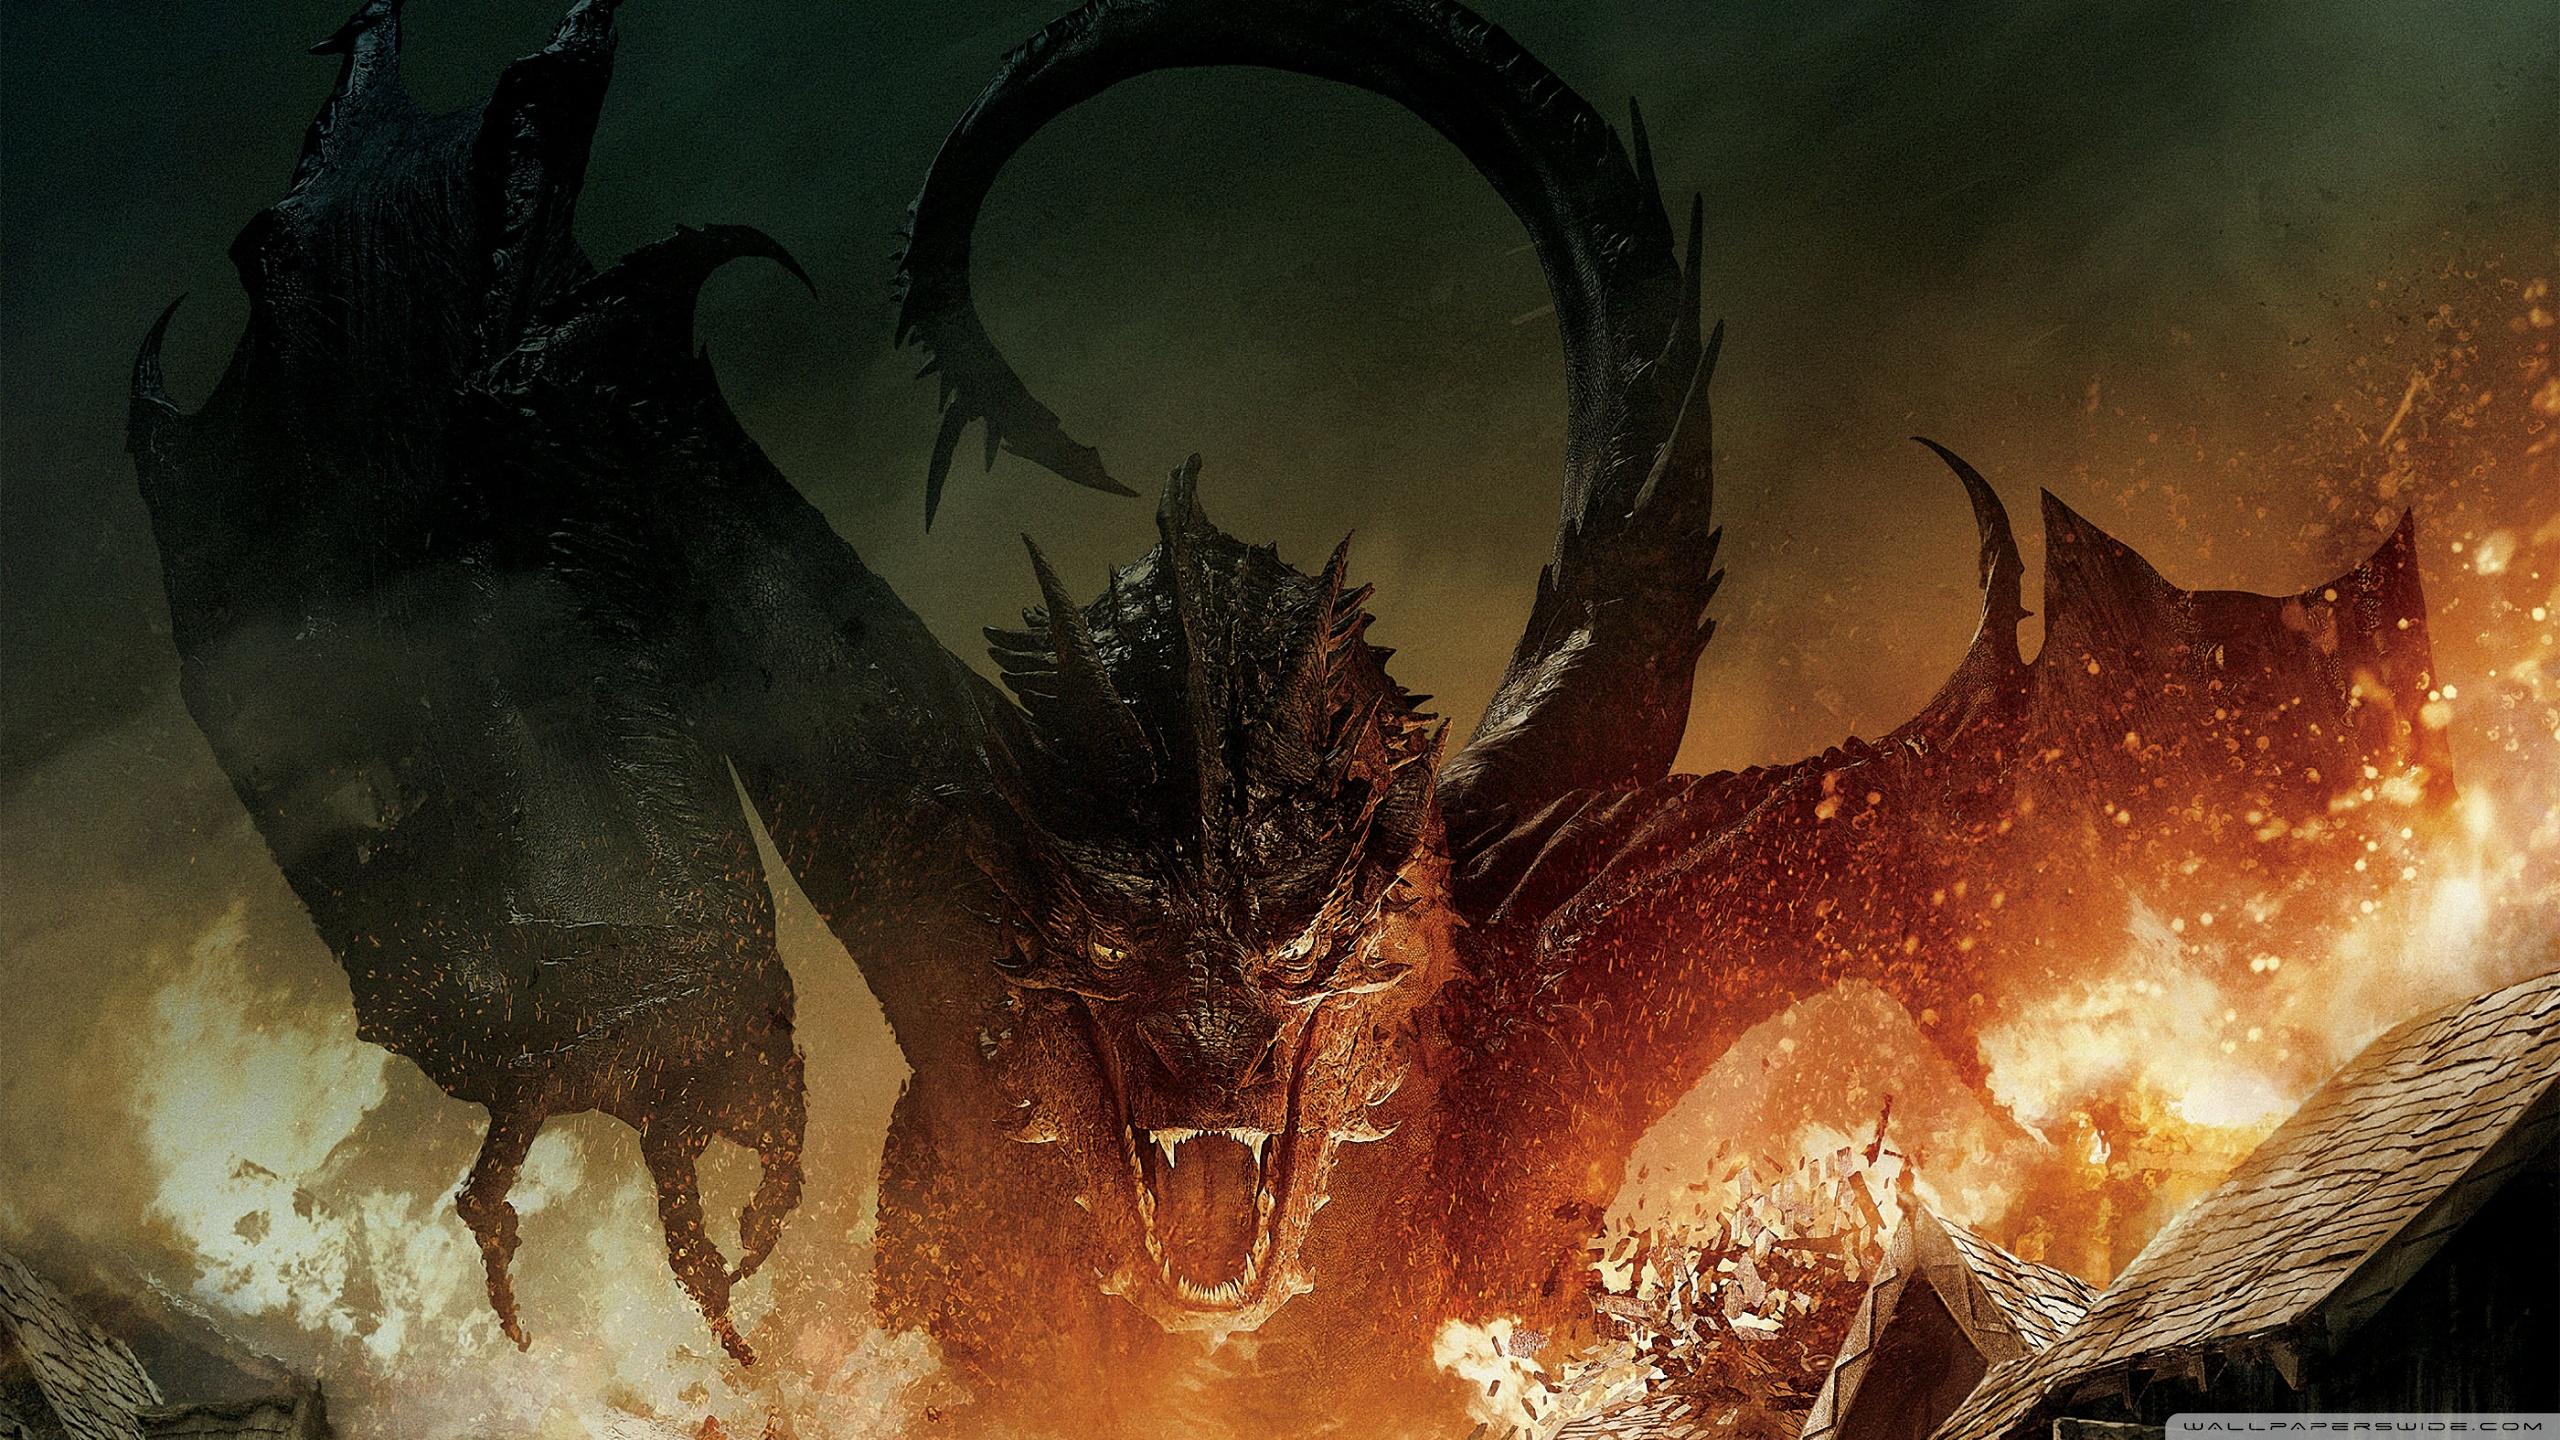 Películas El Hobbit: La Batalla De Los Cinco Ejércitos ...